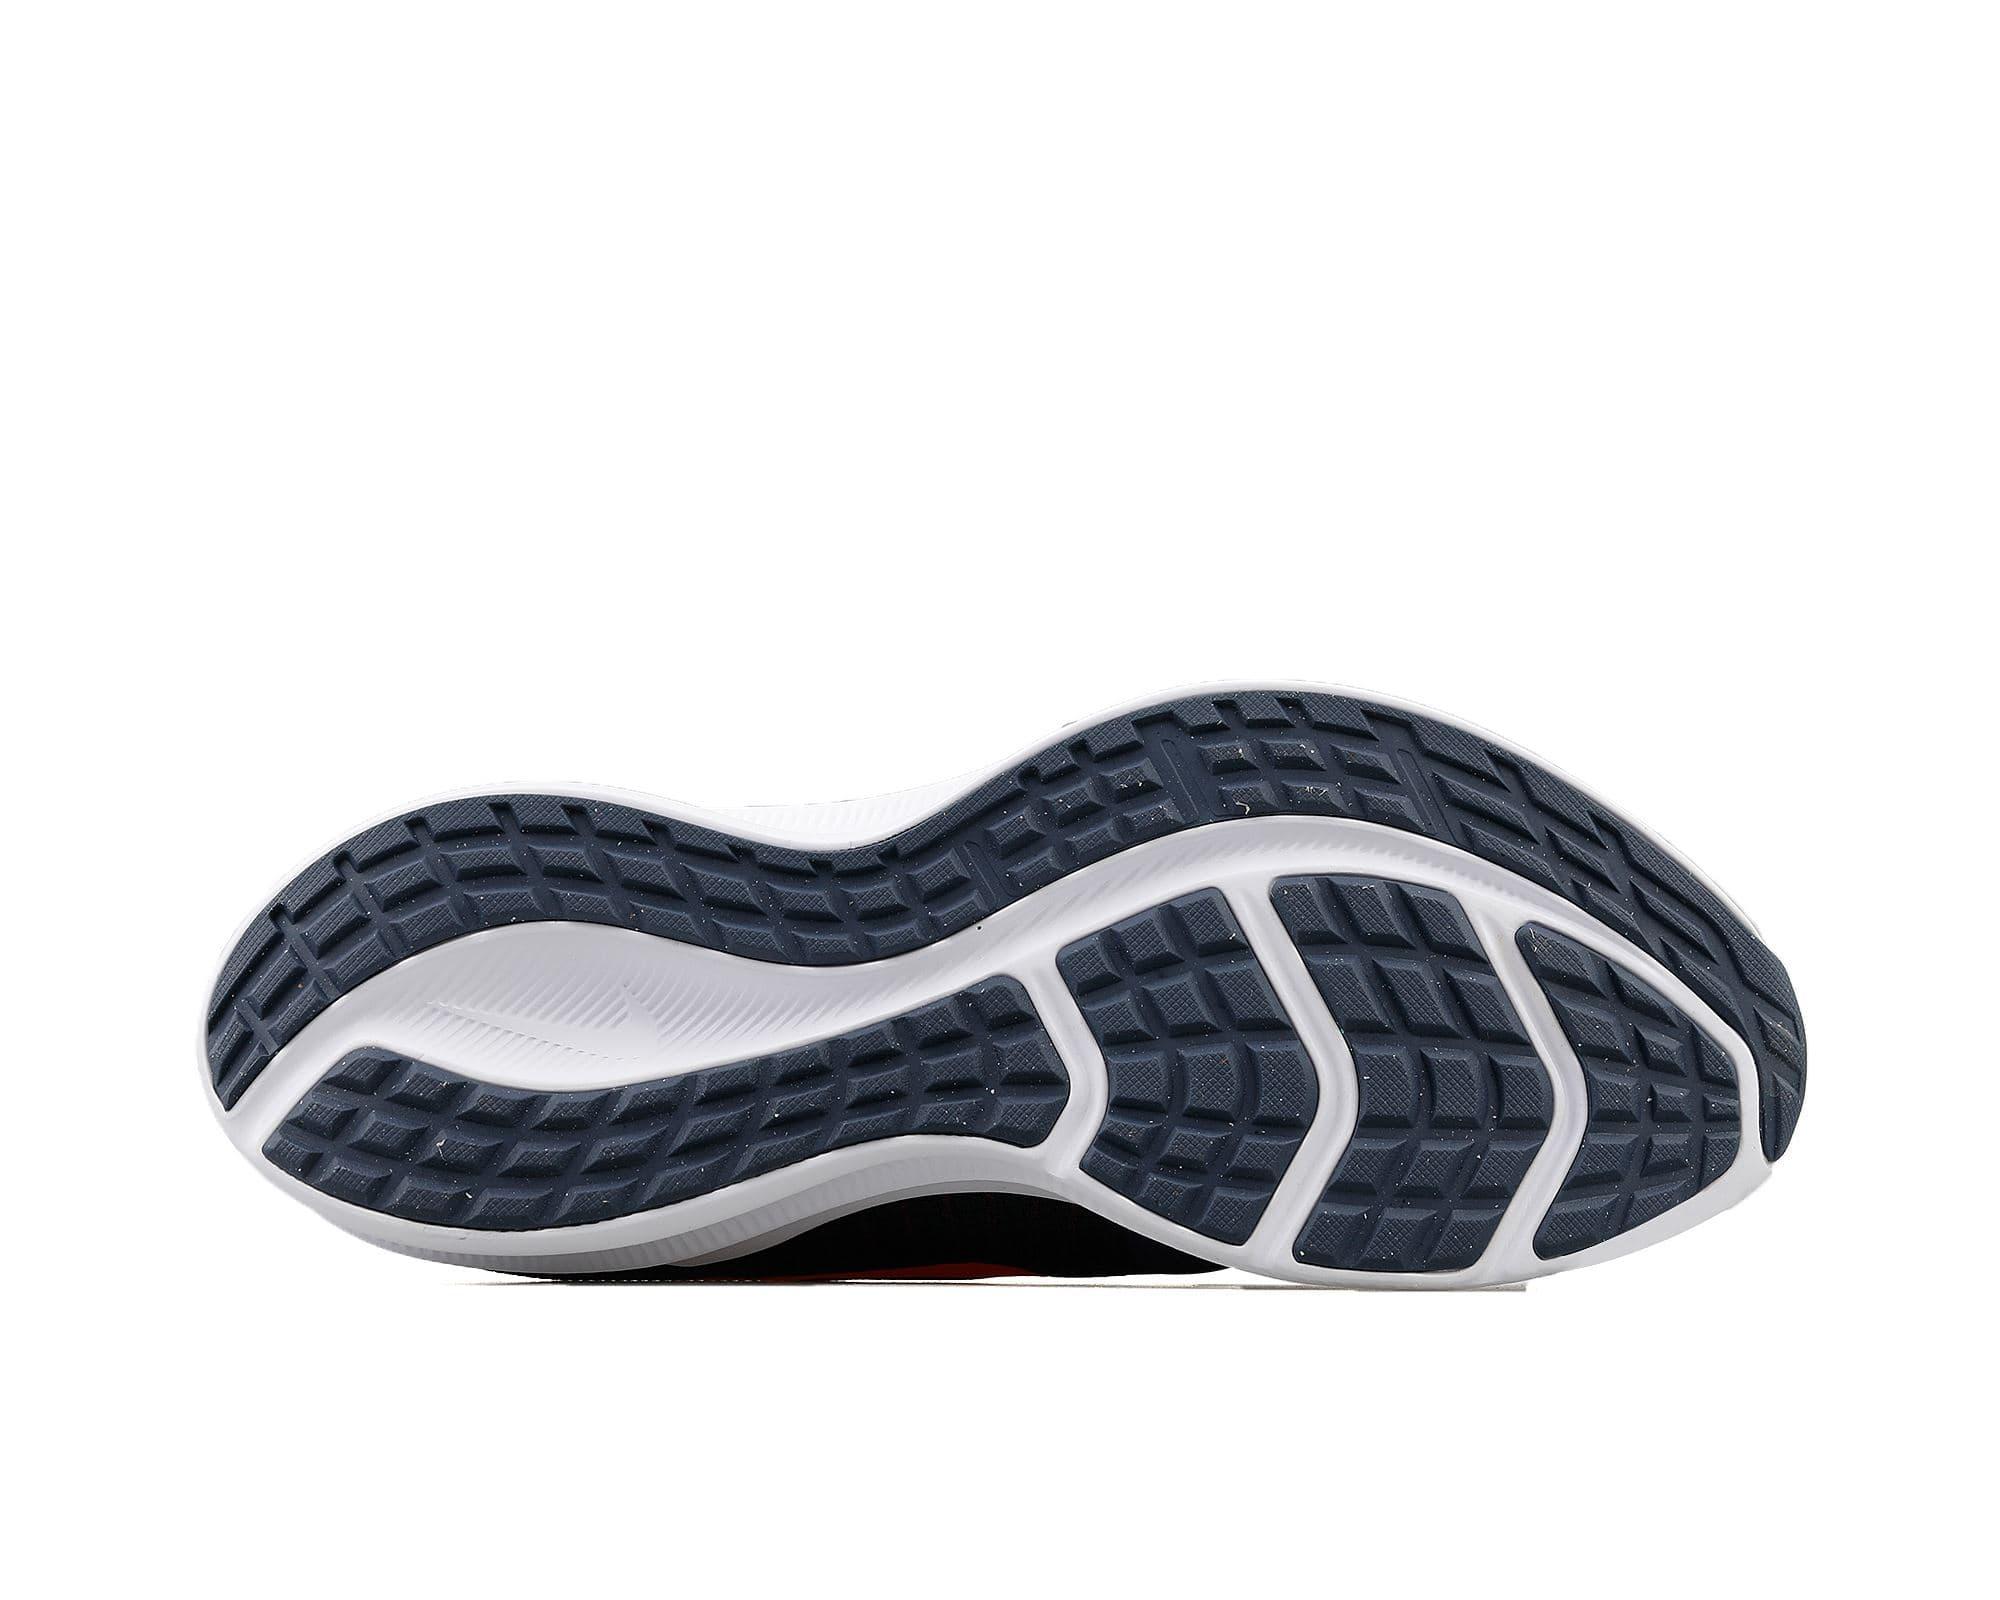 Downshifter 11 Erkek Mavi Koşu Ayakkabısı (CW3411-400)